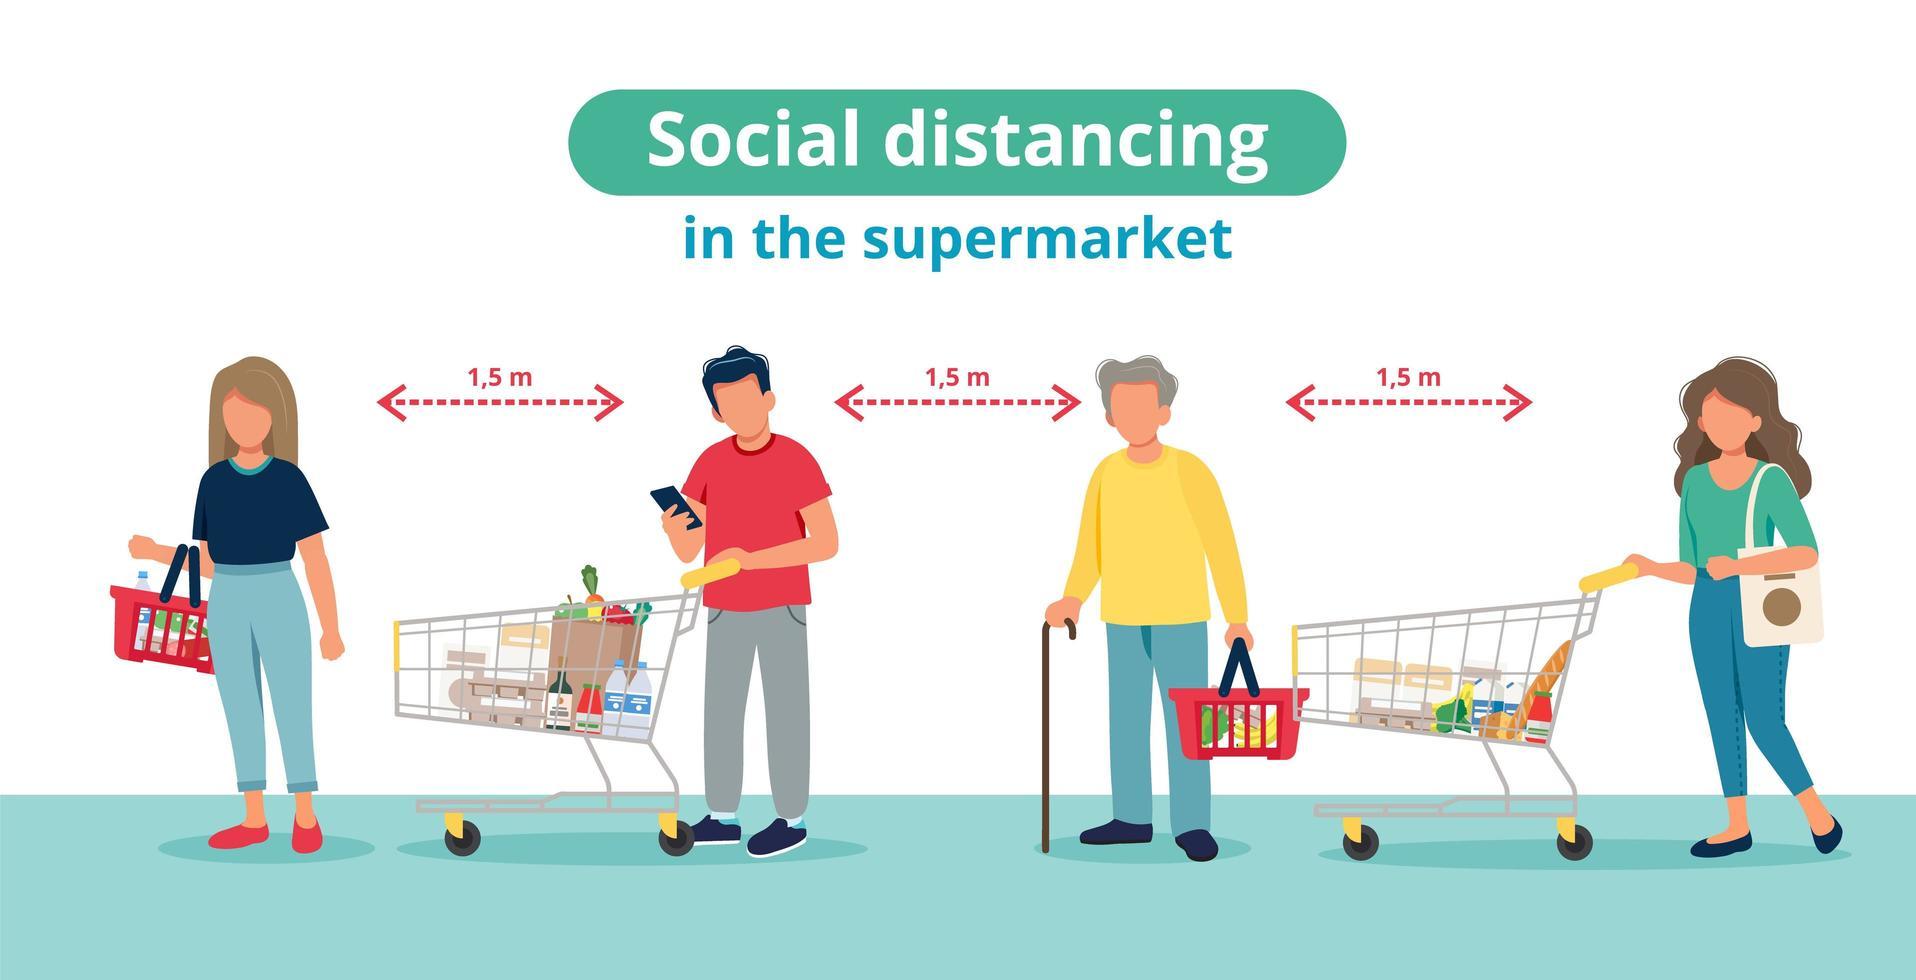 distanciamiento social en concepto de supermercado vector